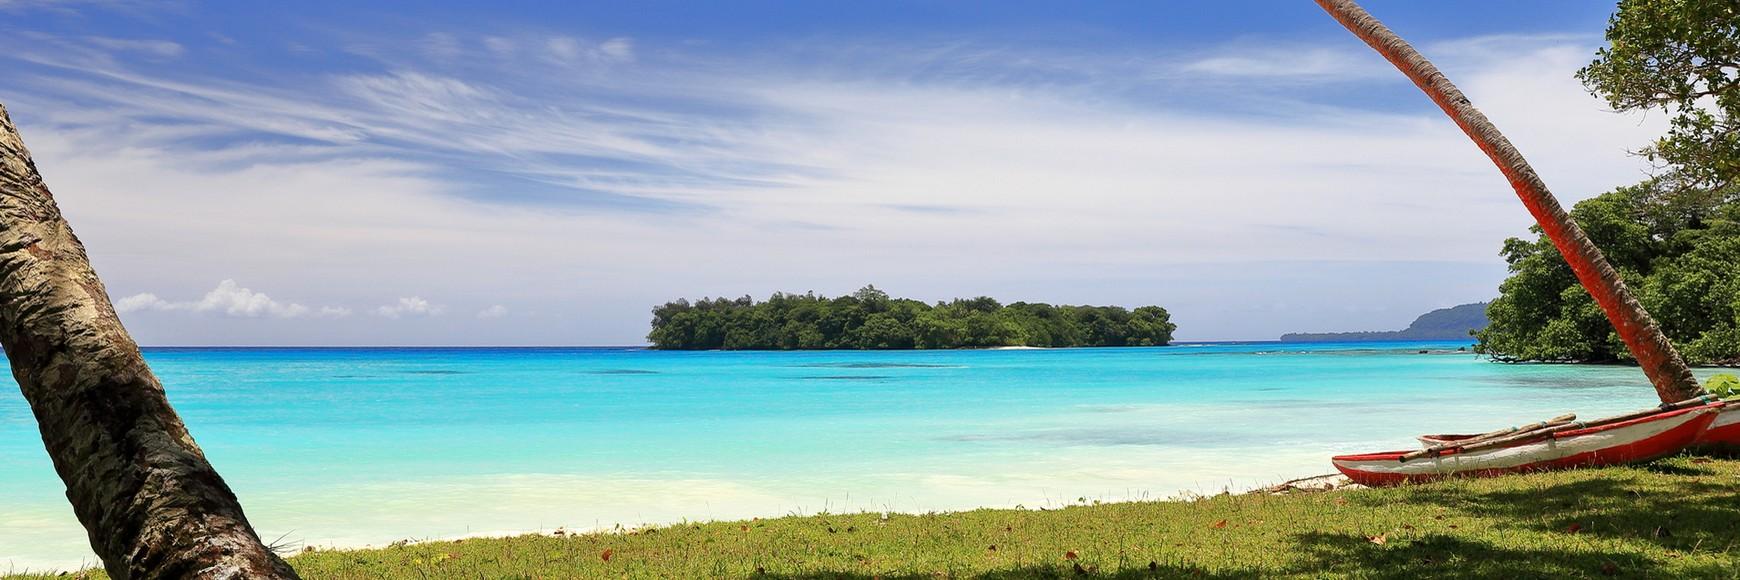 noleggio barche Vanuatu